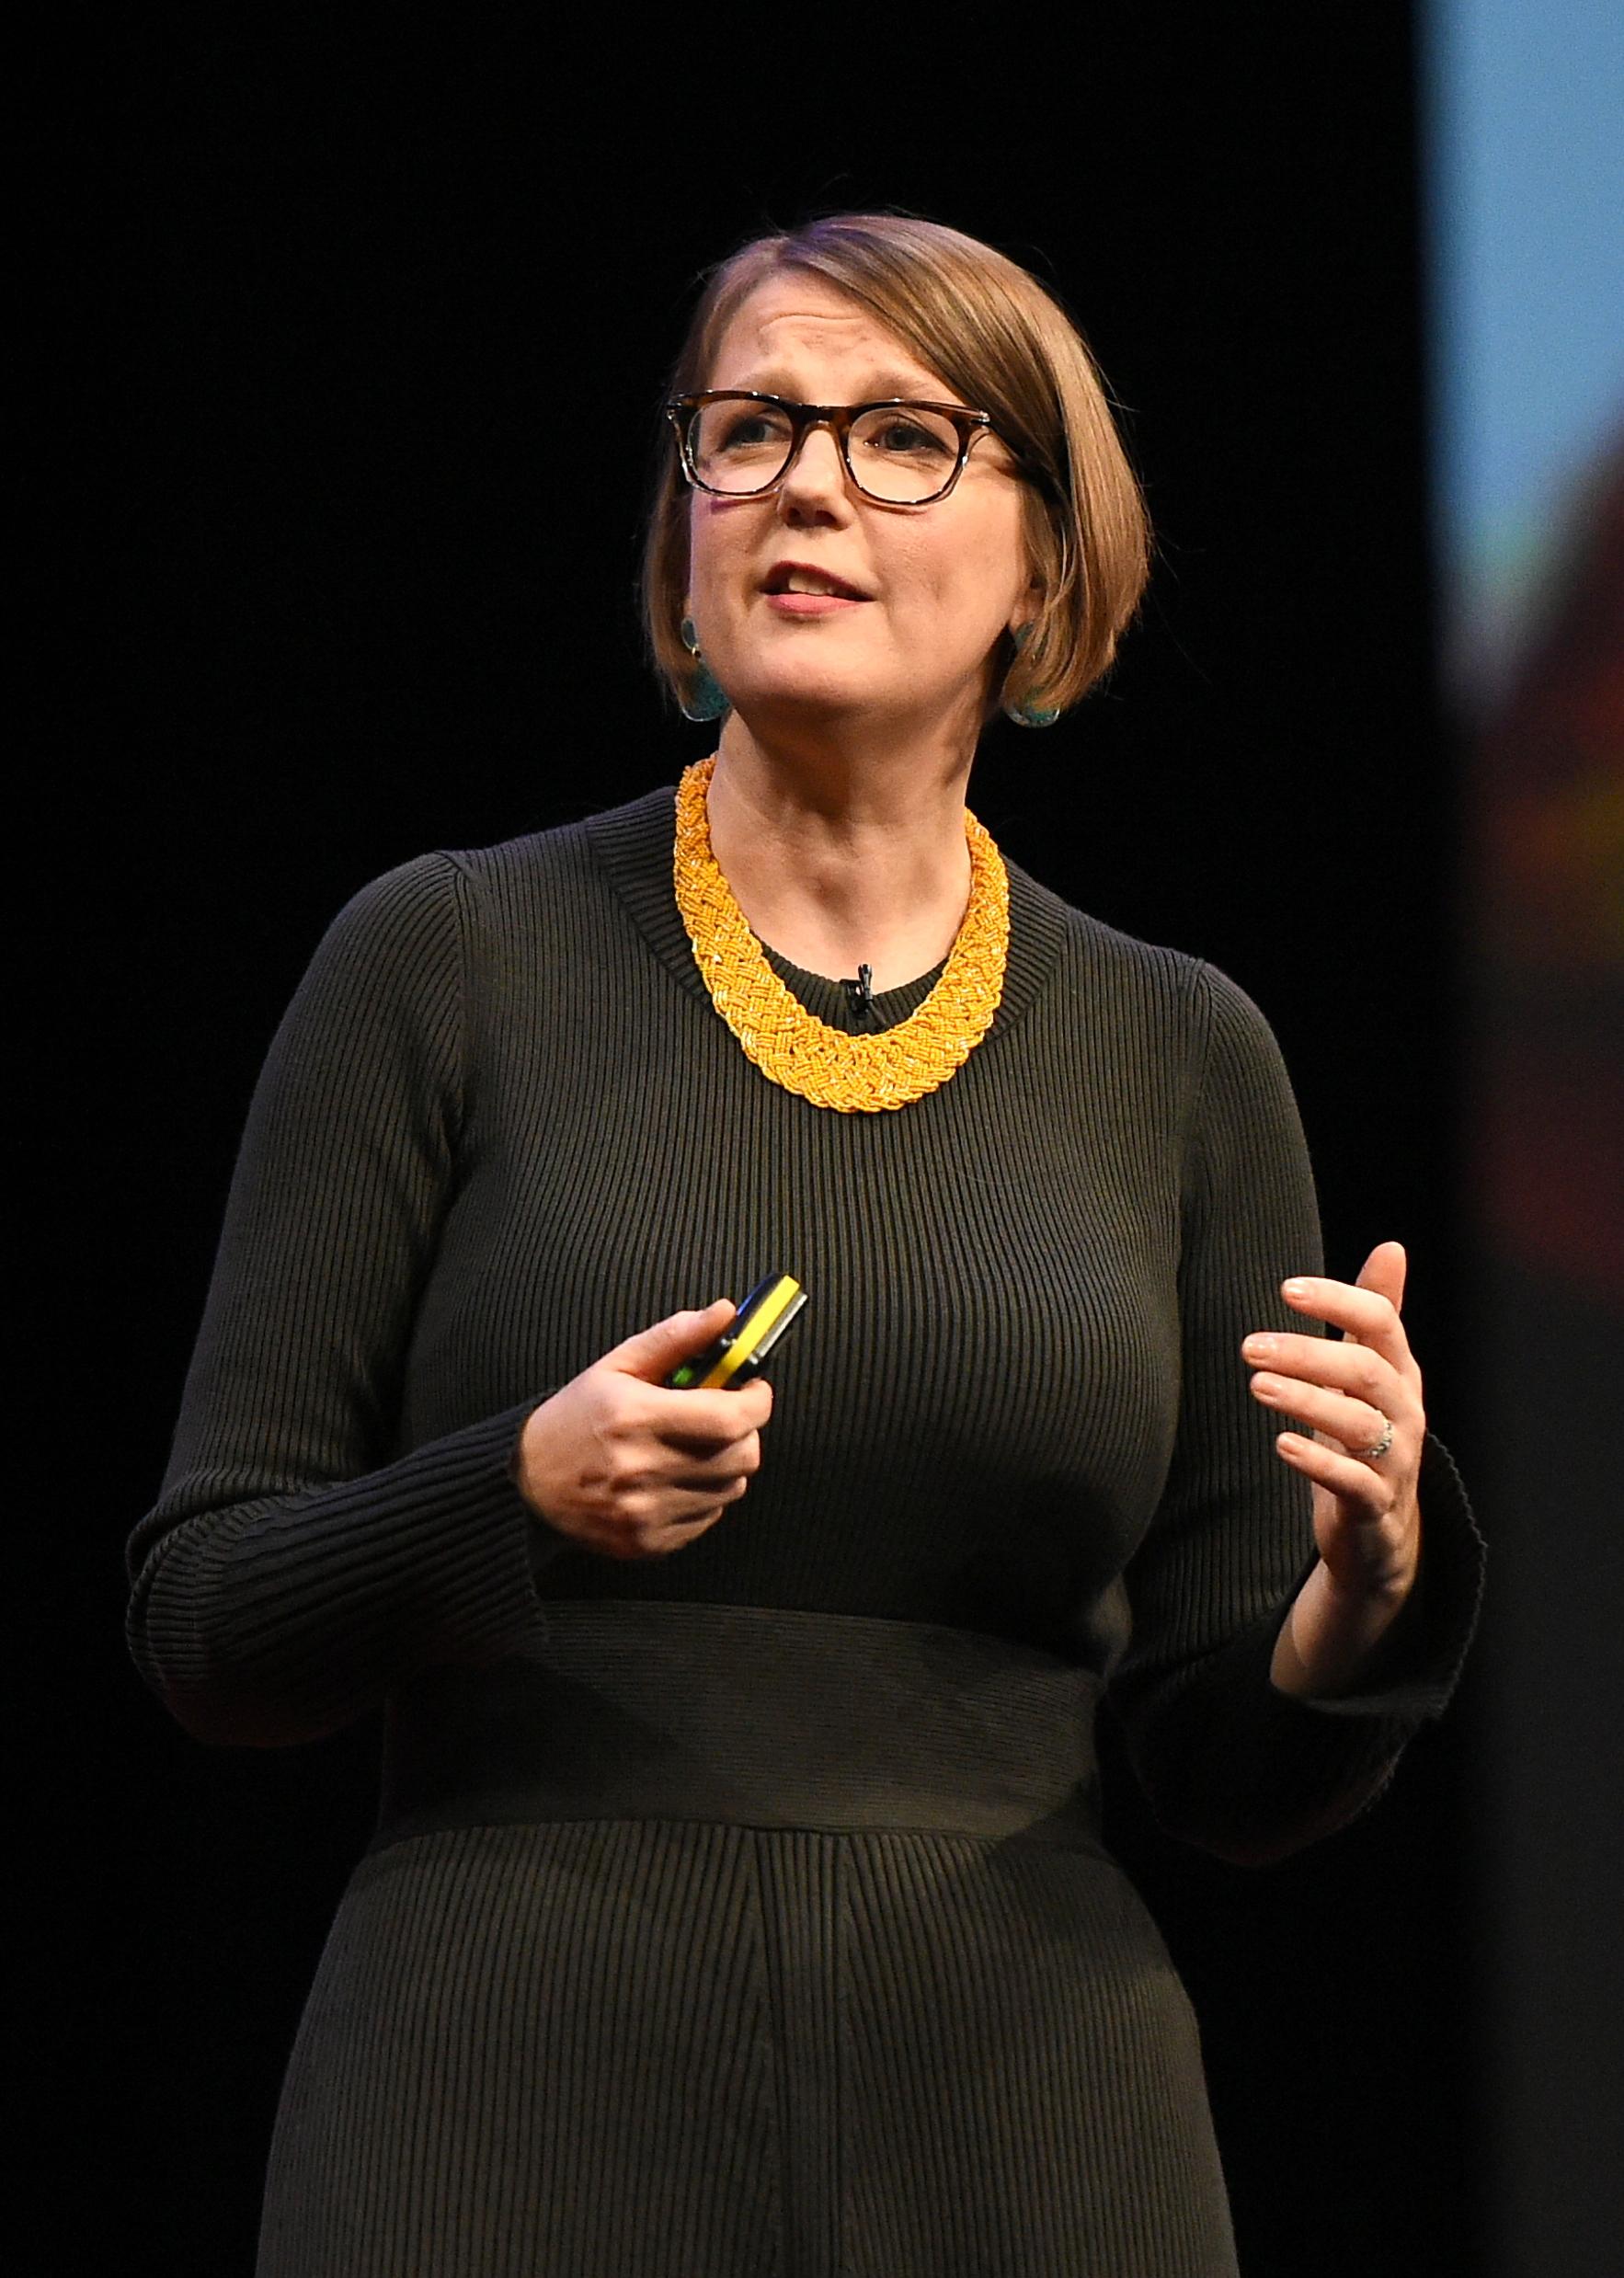 Lay Flurrie, mulher adulta, loira, cabelo curto, usando óculos e com vestido preto com gola amarela. Em pé, durante uma de suas apresentações em eventos.